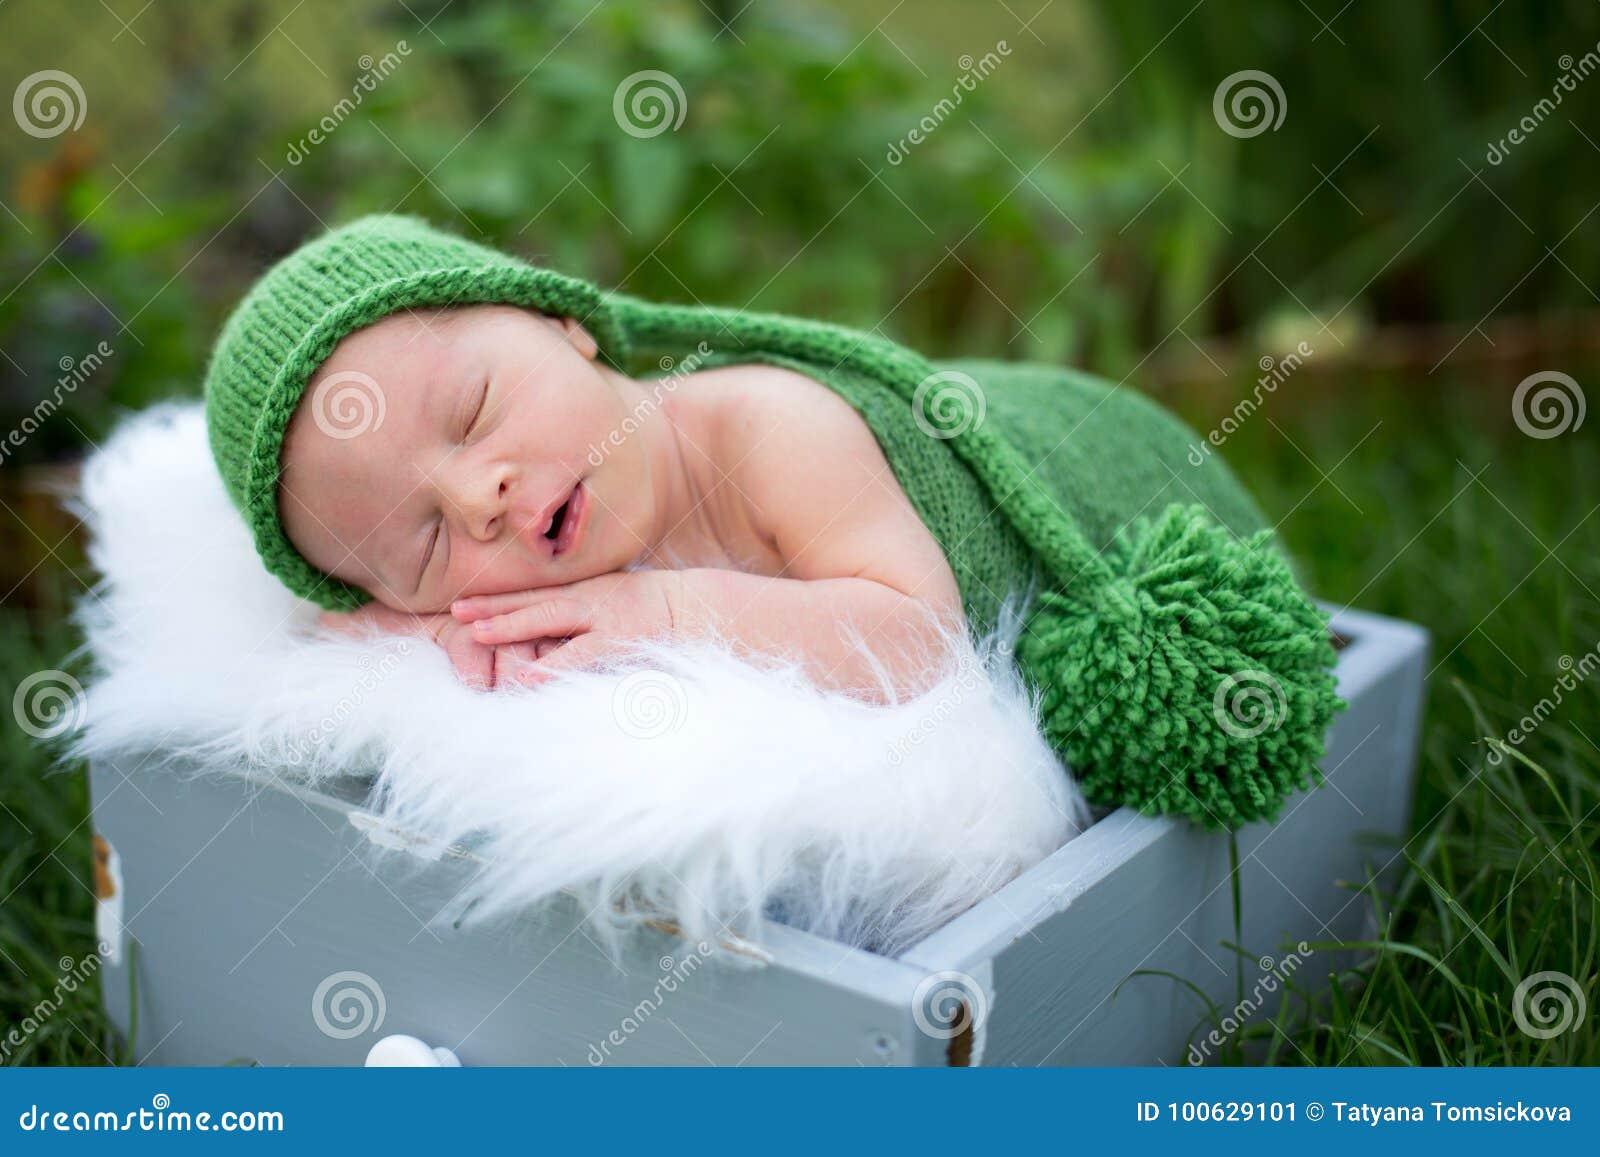 Λίγο γλυκό νεογέννητο αγοράκι, που κοιμάται στο κλουβί με το περικάλυμμα και το χ